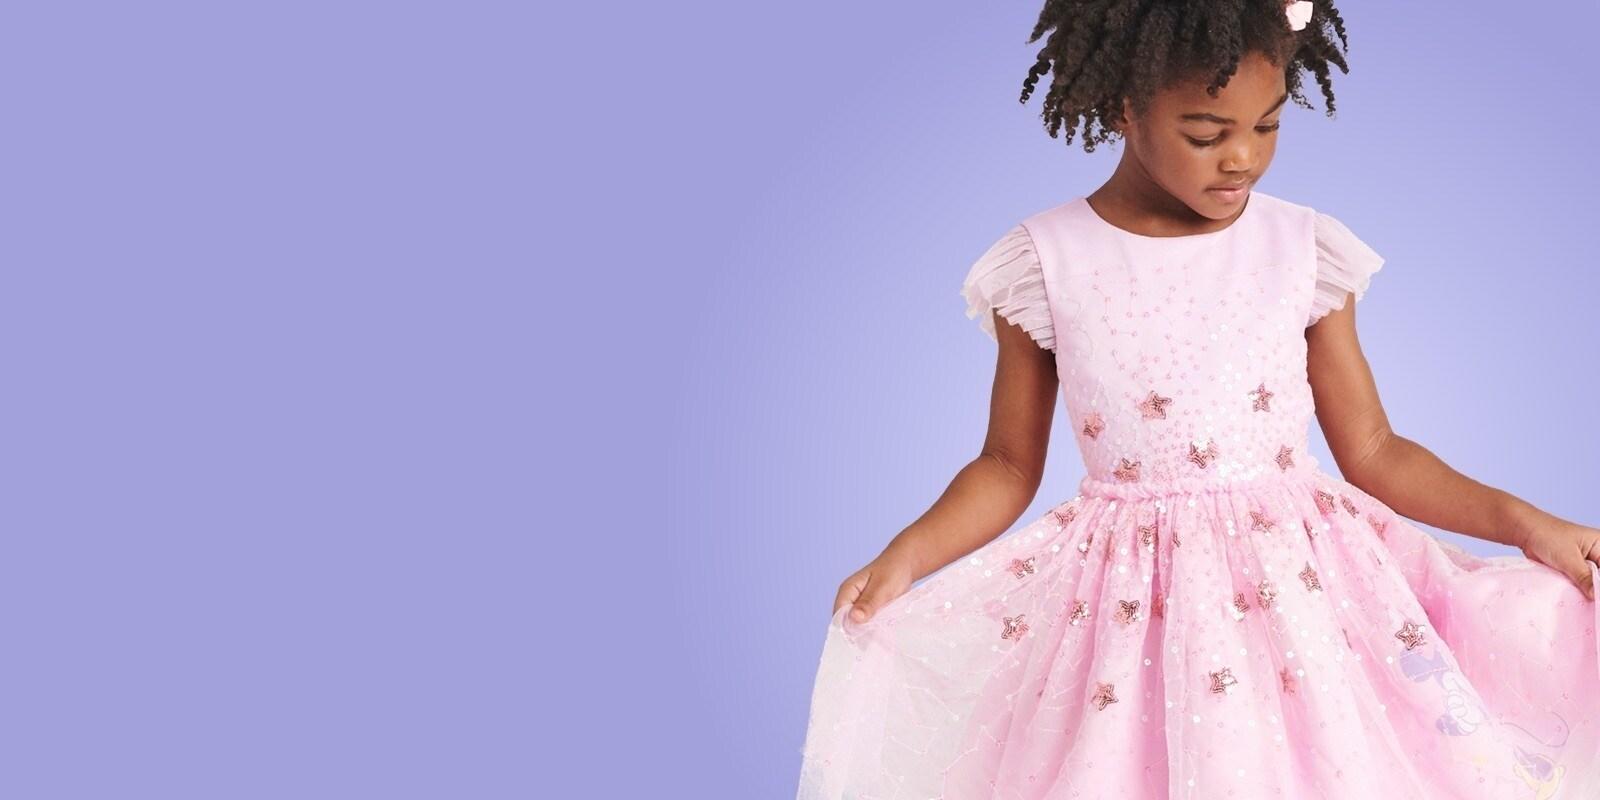 Mädchen im rosa Kleid